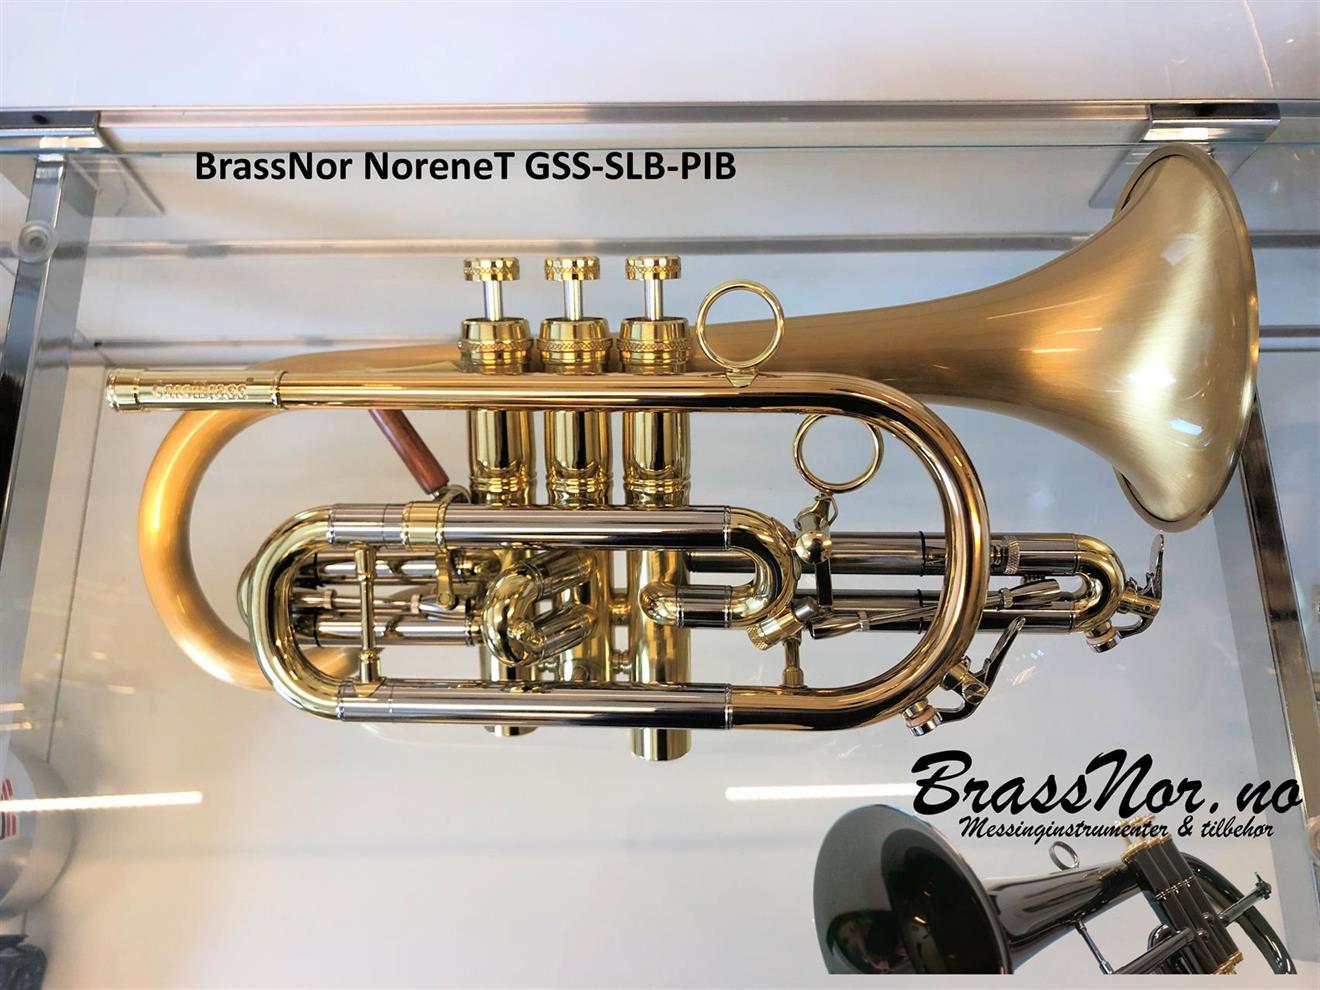 BrassNor NoreneT GSS Bb kornett SLB-PIB